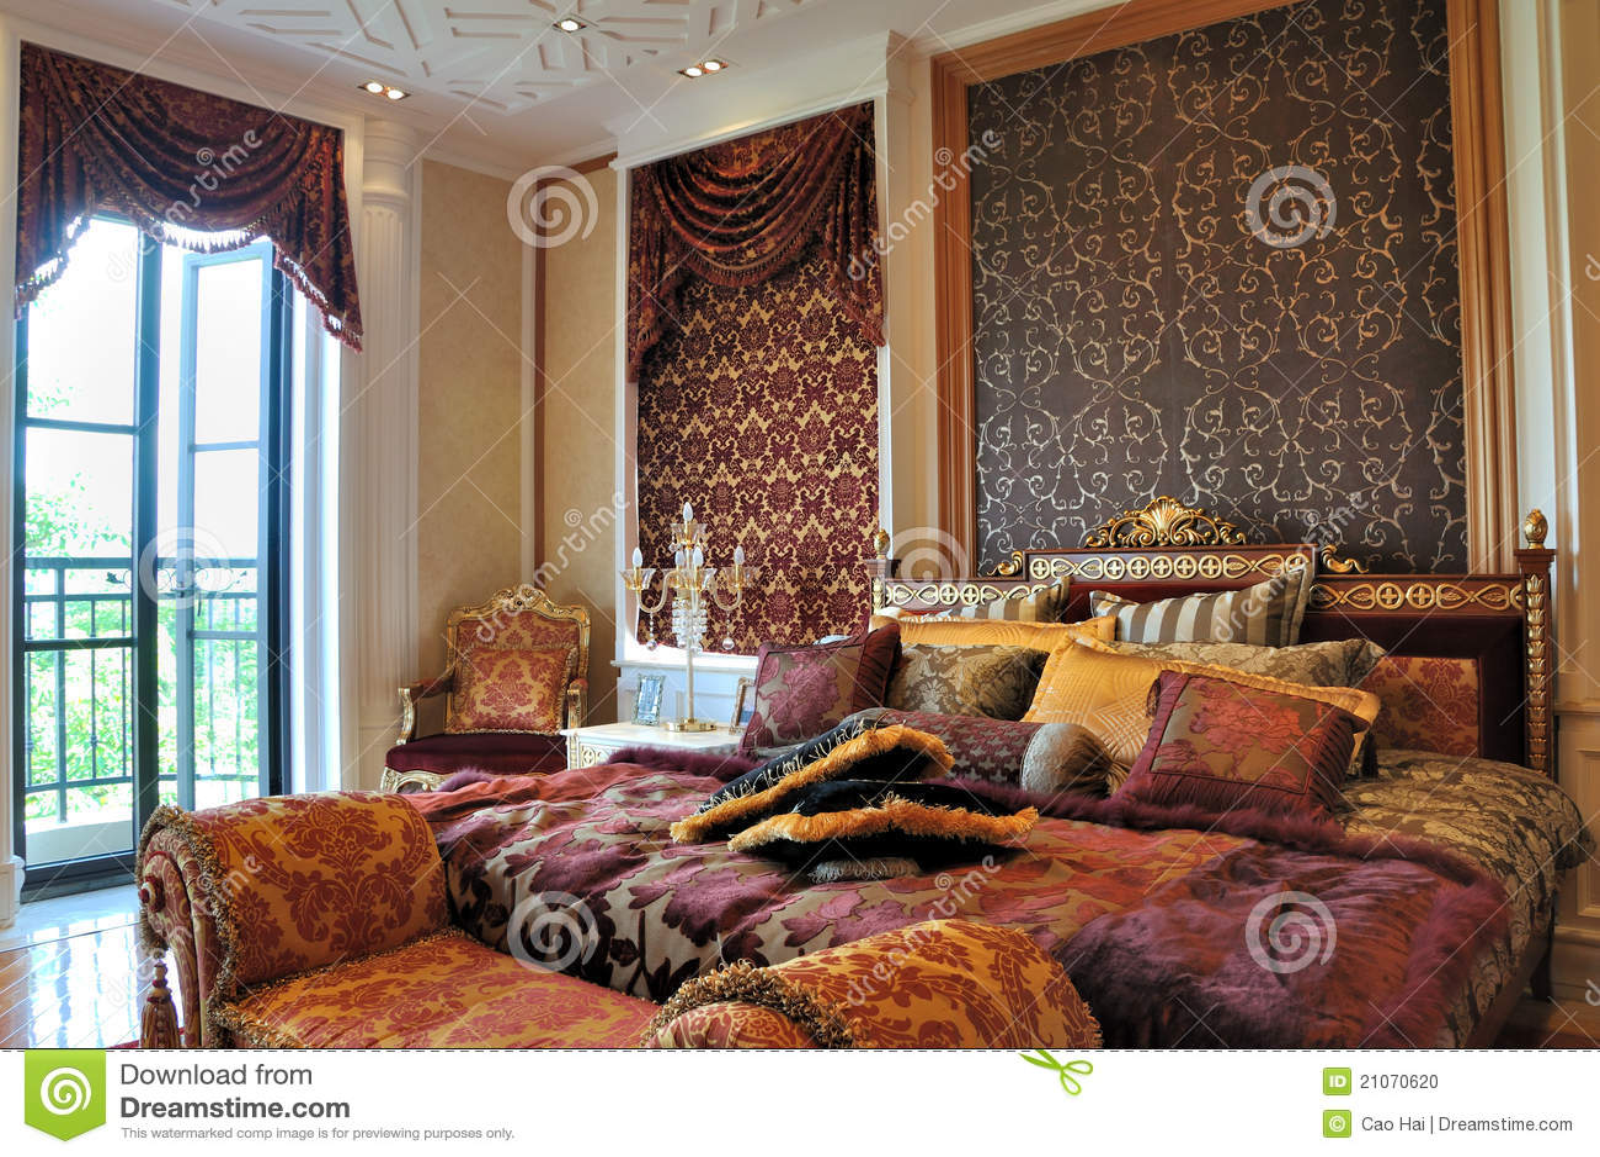 herrliches schlafzimmer mit beleuchtung stockfoto bild. Black Bedroom Furniture Sets. Home Design Ideas